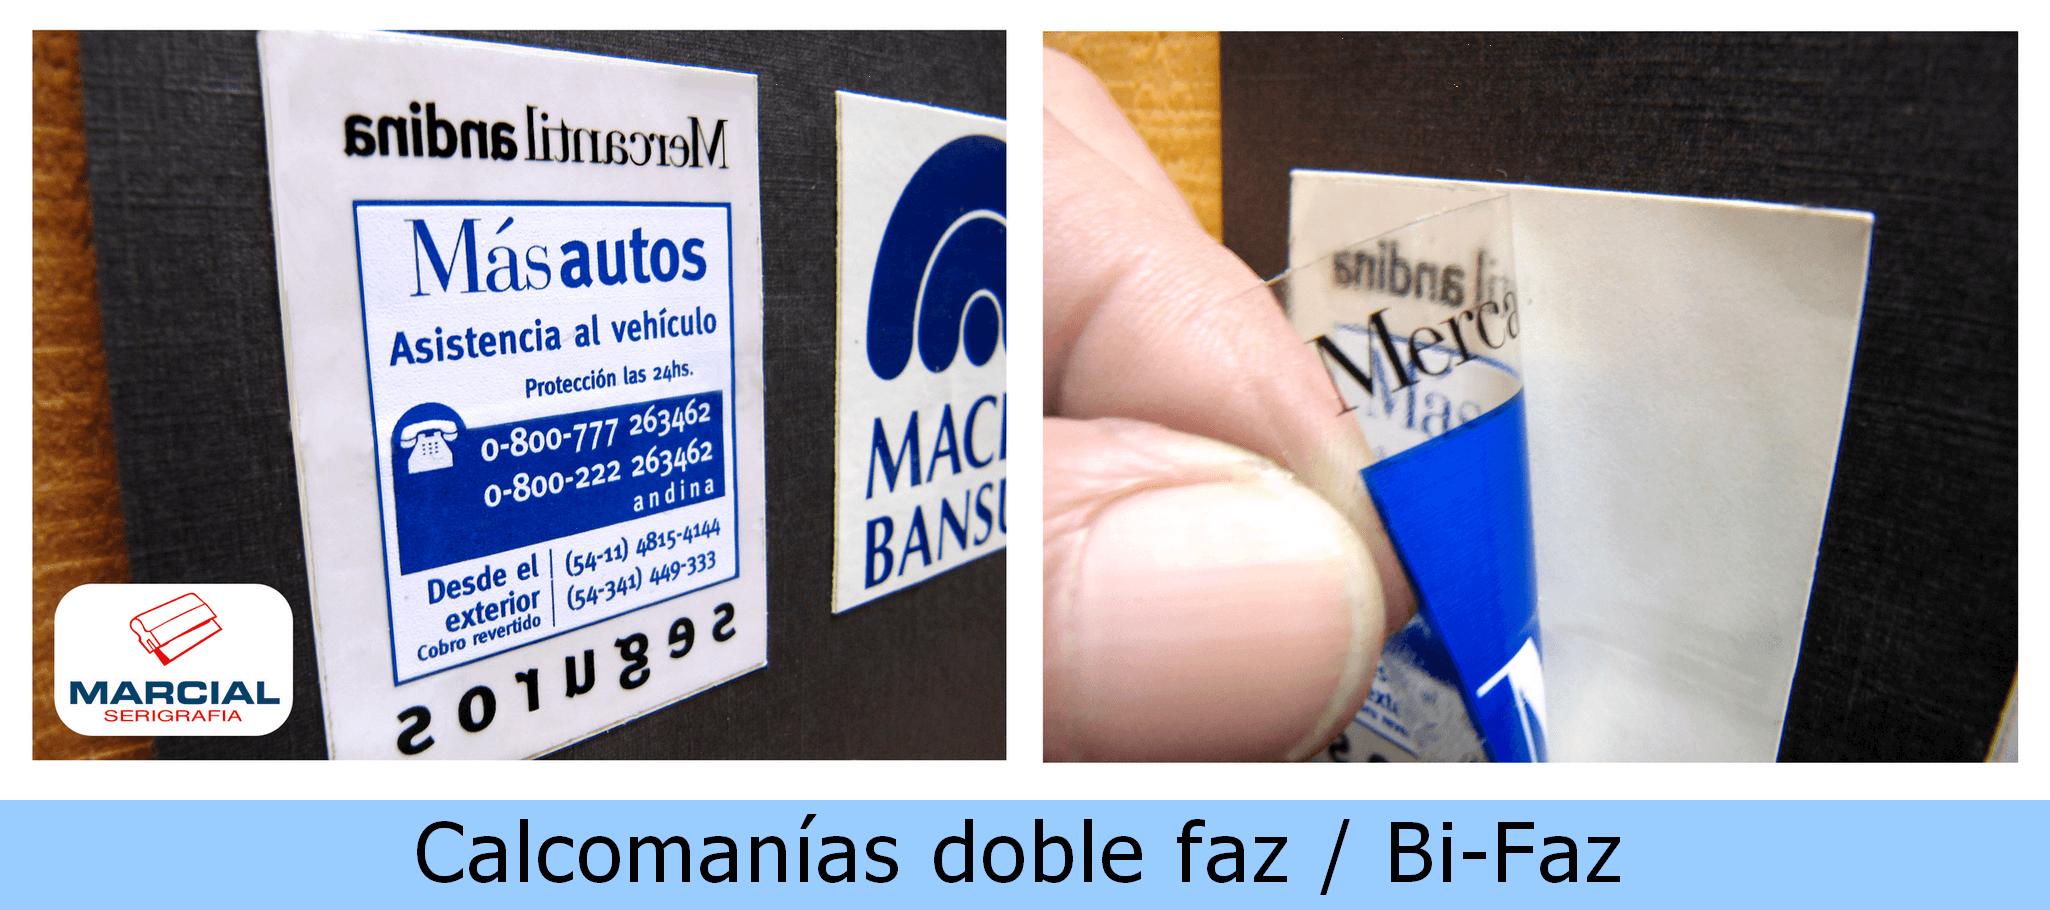 Calcomanía doble faz, bi-faz de doble cara impresa a 2colores/1